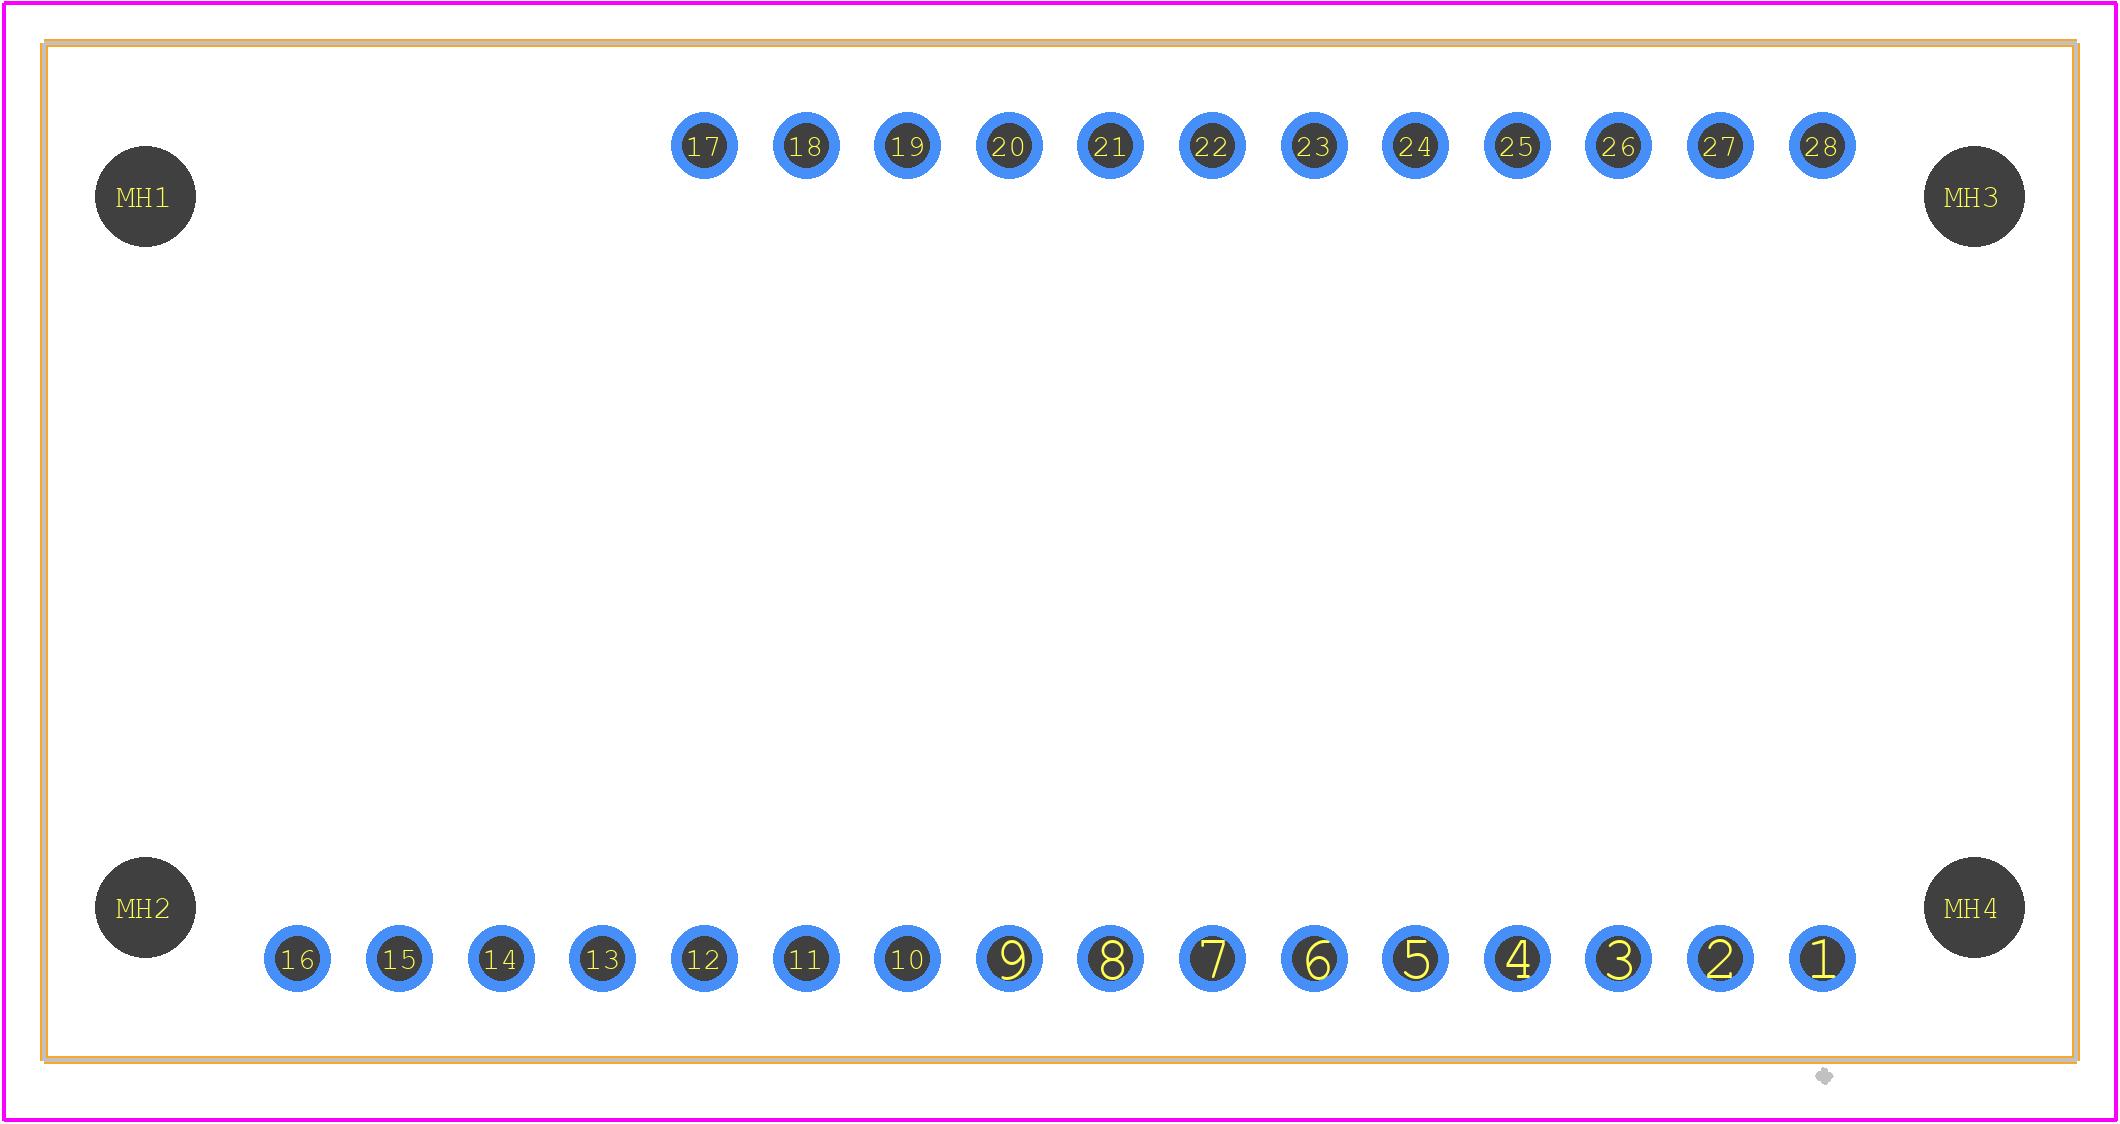 3857 - Adafruit - PCB Footprint & Symbol Download